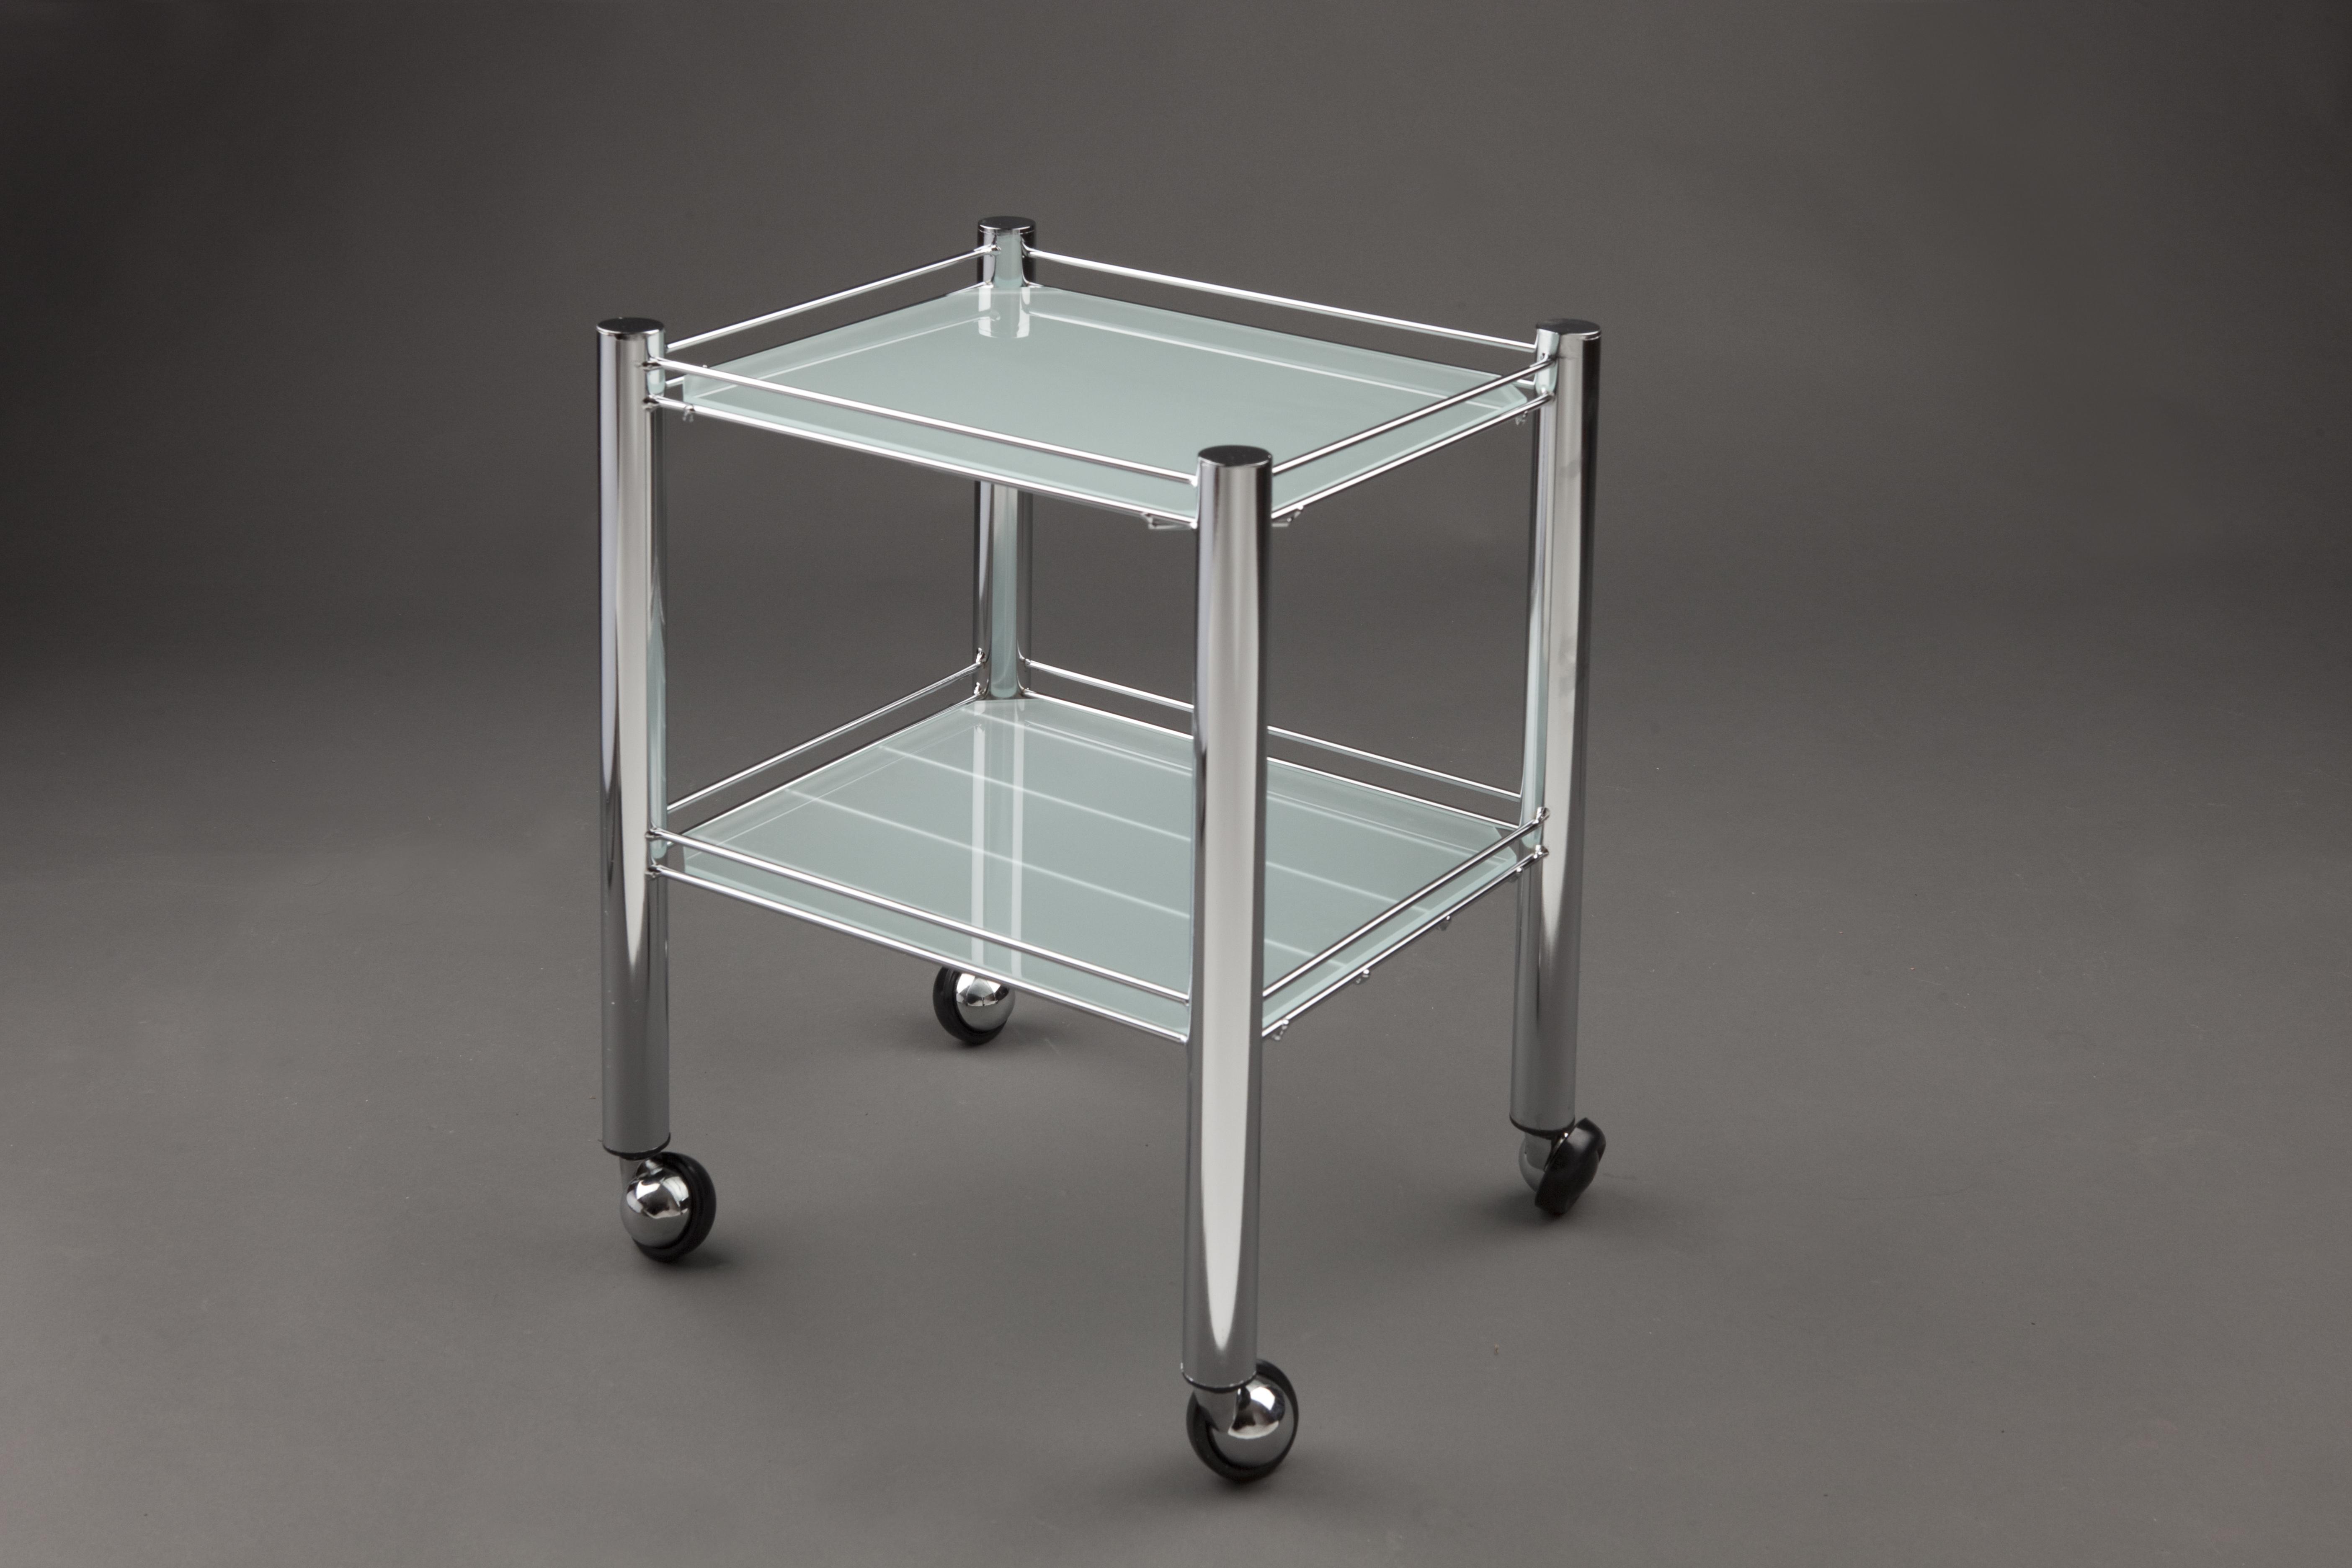 Carrito de ba o doble cristal con ruedas cromadas - Carritos de bano ...